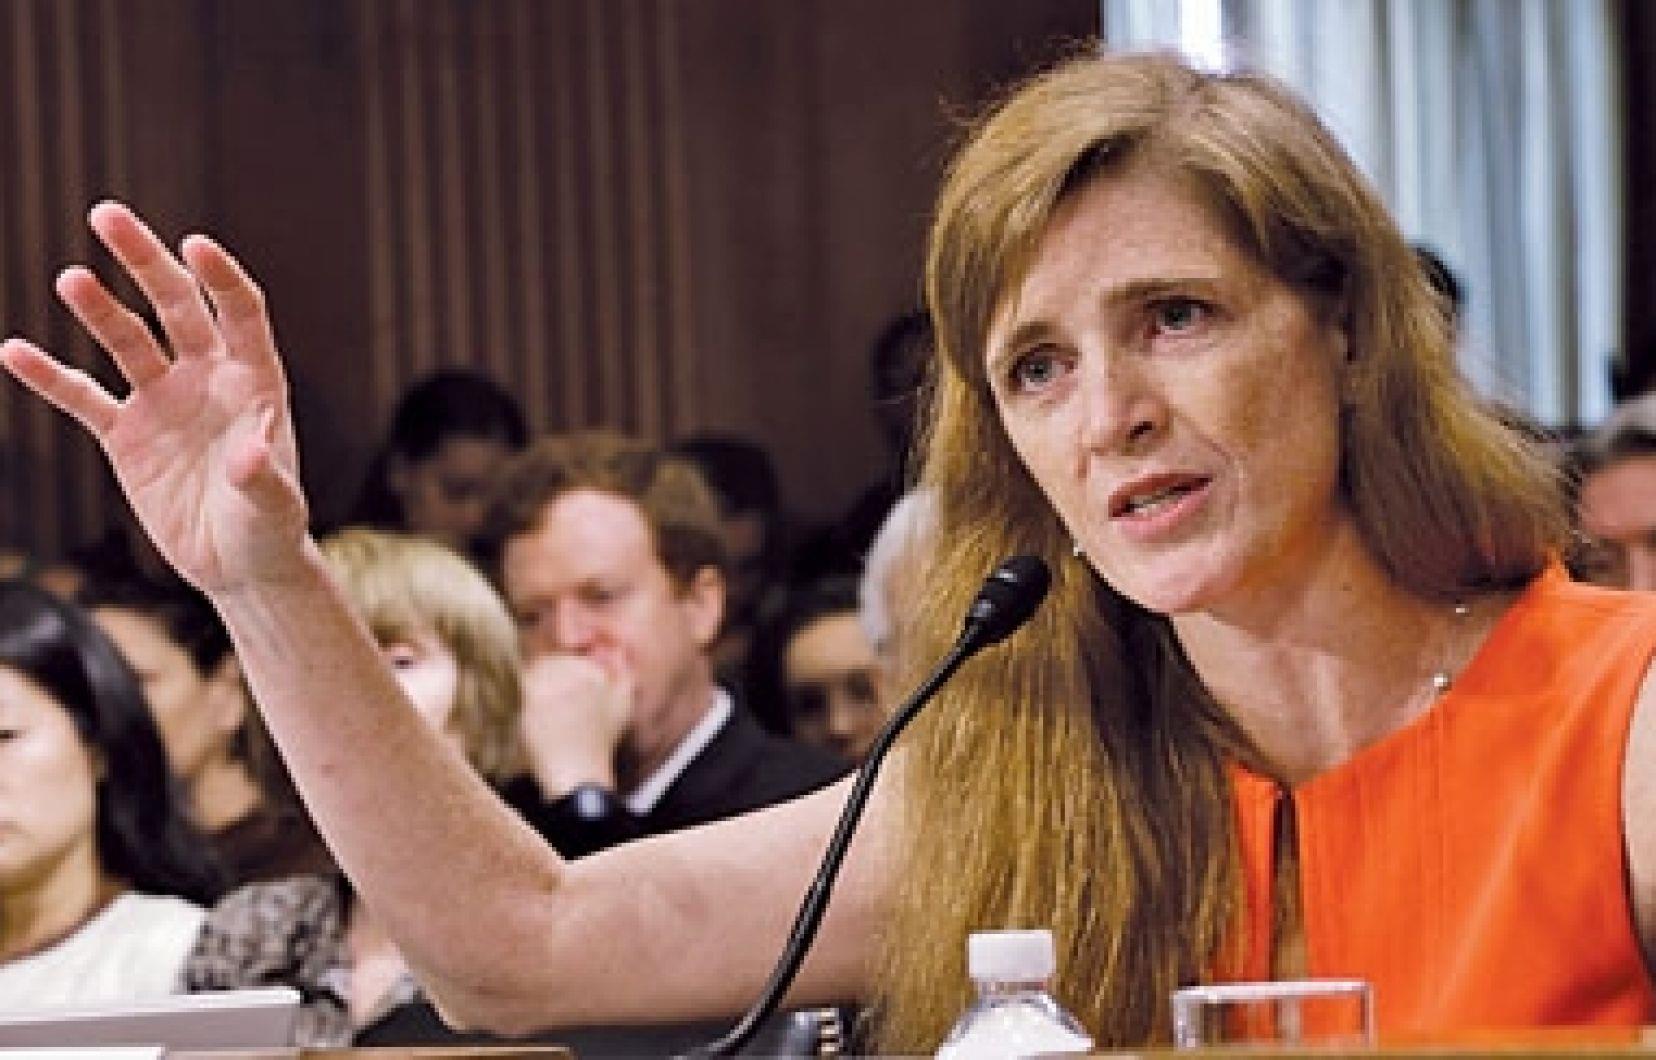 بايدن يعين السفيرة السابقة سامانثا باور مديرة للوكالة الأمريكية للتنمية الدولية